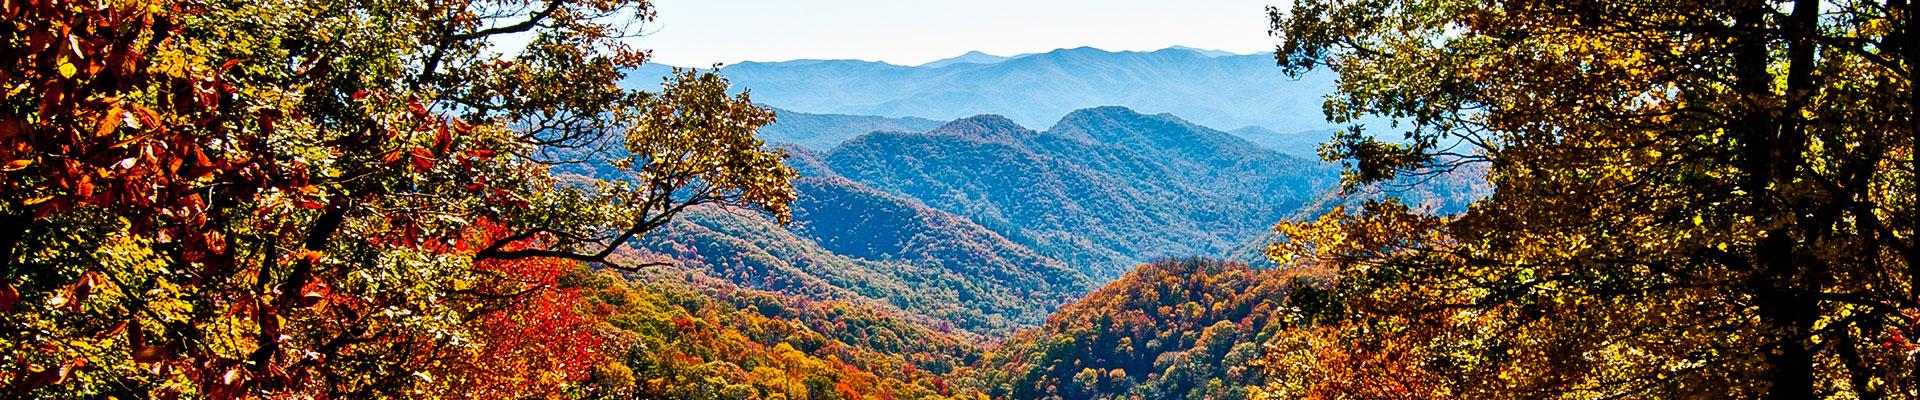 Fantasy RV Tours: 7 Day Smoky Mountain Rally (07USMP-100321)